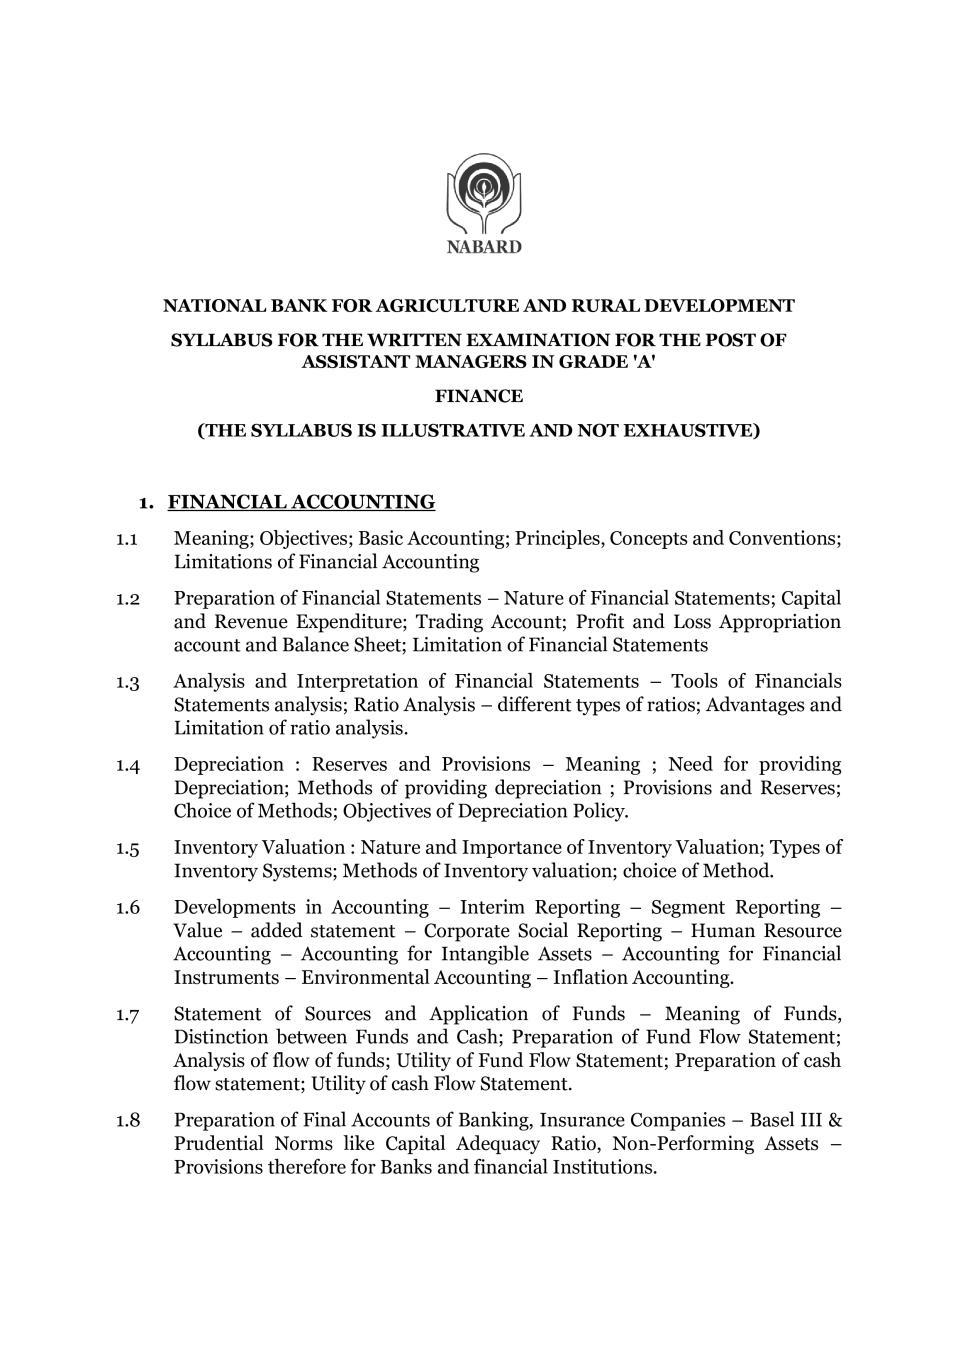 NABARD Grade A Syllabus 2020 Finance - Page 1